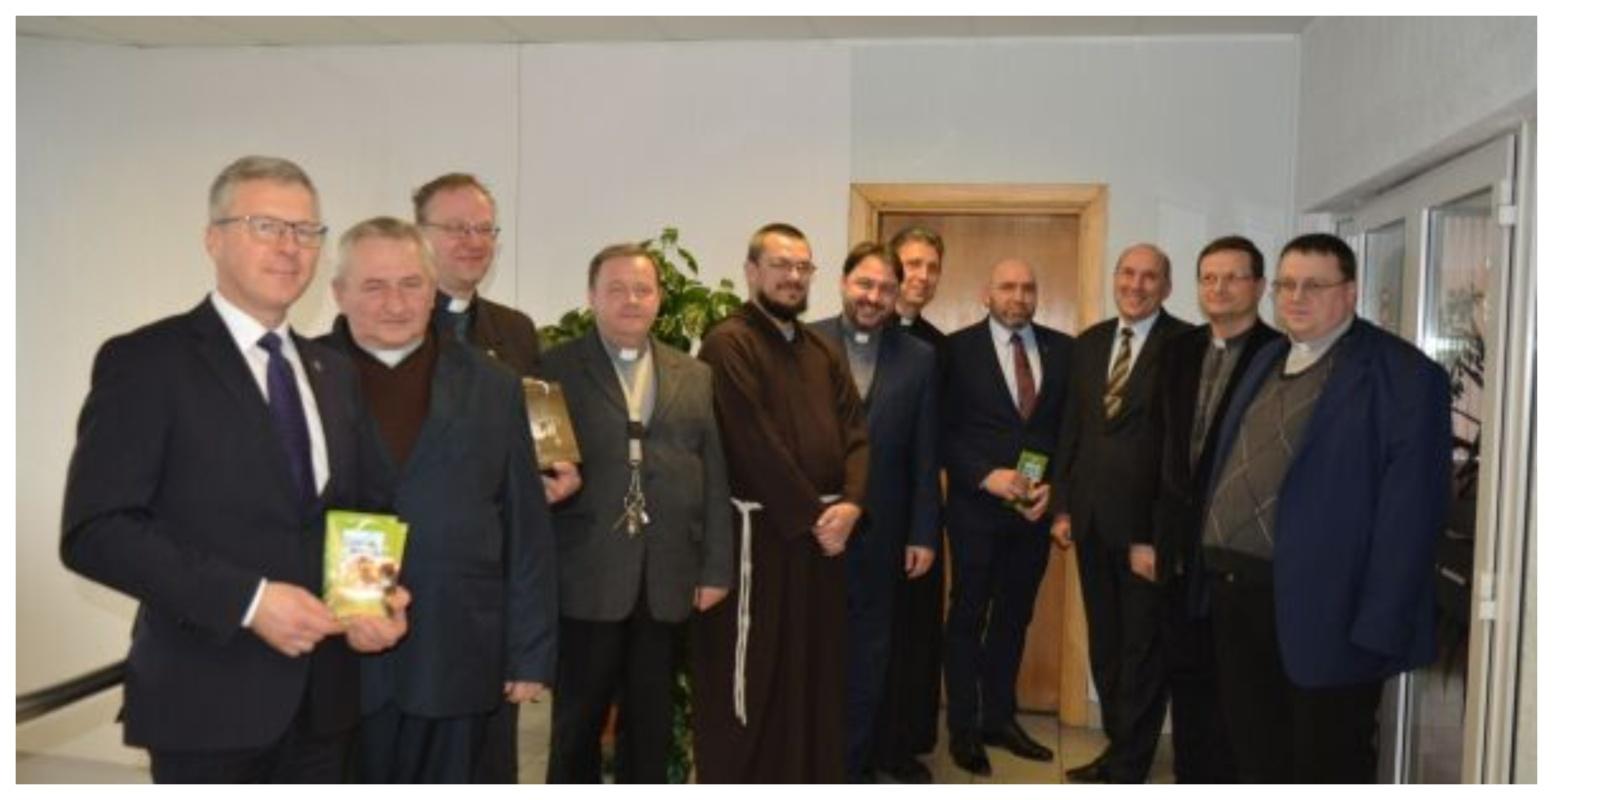 Šv. Kalėdų proga - padėkos pietūs su kunigais ir vienuoliais